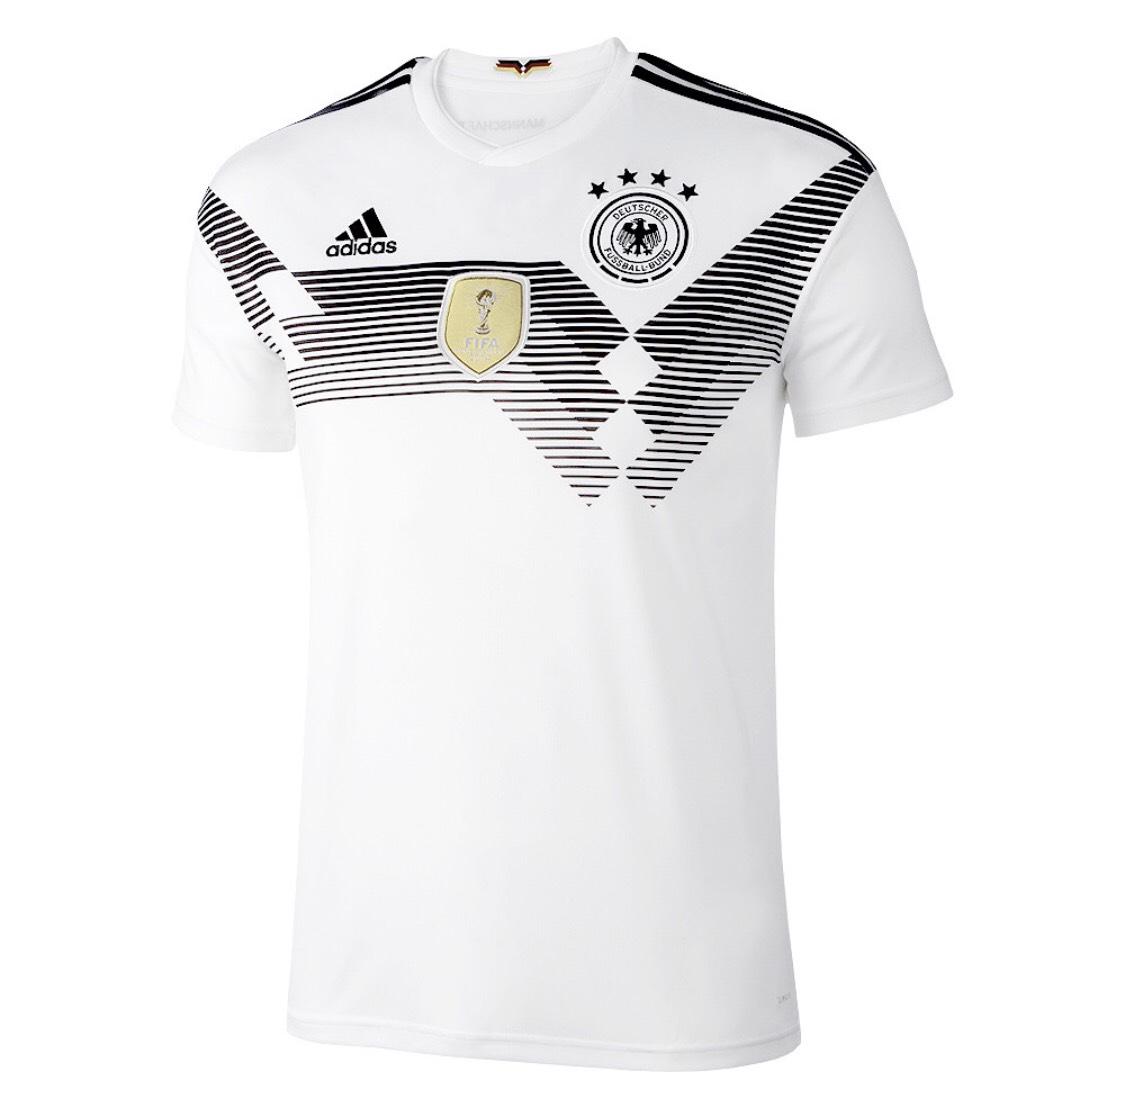 """Adidas Herren Fußballtrikot """"DFB Home Trikot"""" WM 2018 *UPDATE* Größe S - L etwas günstiger"""